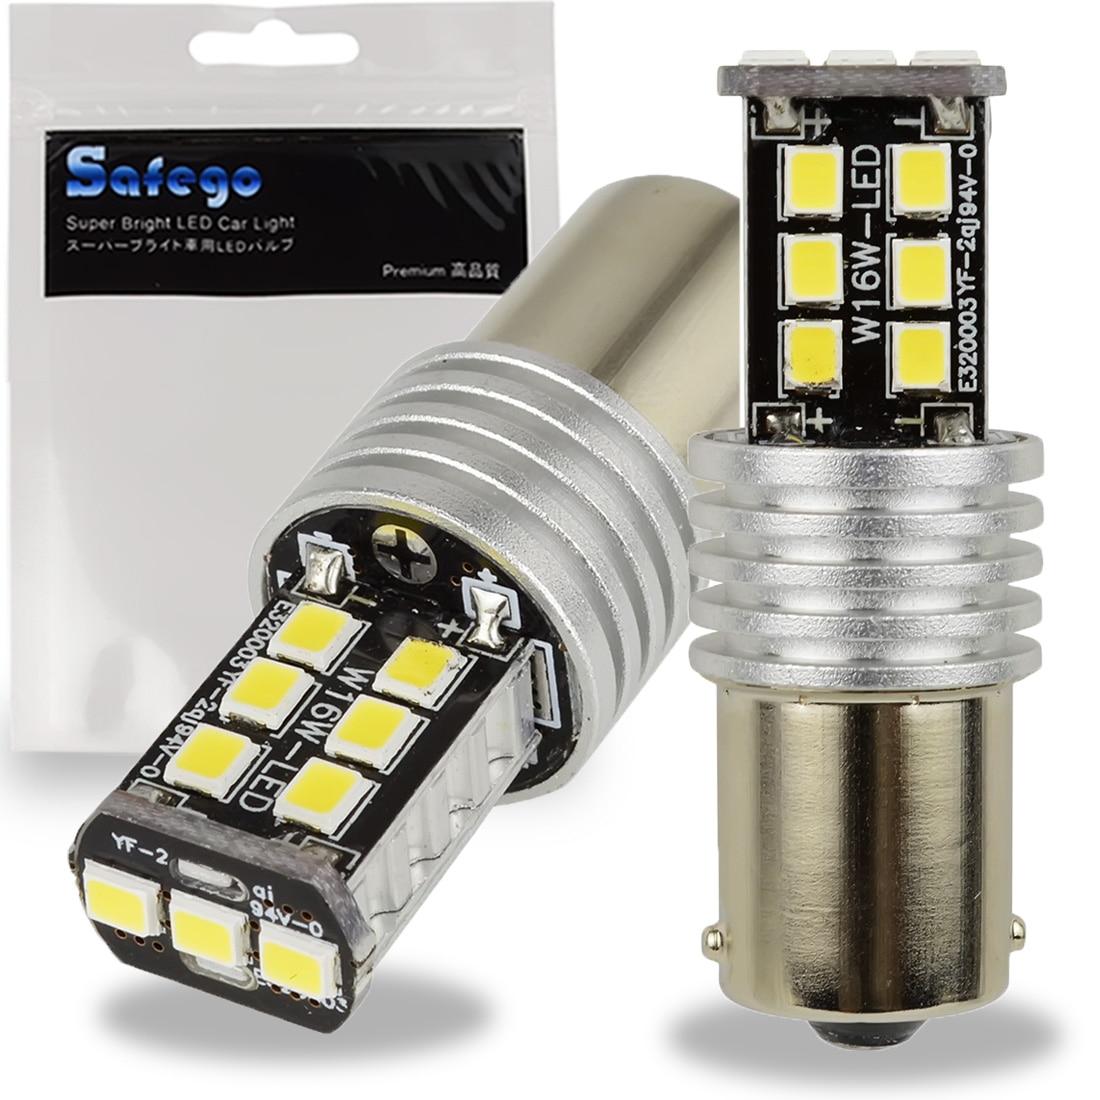 Safego 2x1156 super brilhante p21w branco 15 2835 lâmpada led para estacionamento do carro turn signal luz sidelight 12 v ba15s 1141 dc12v 6000 k